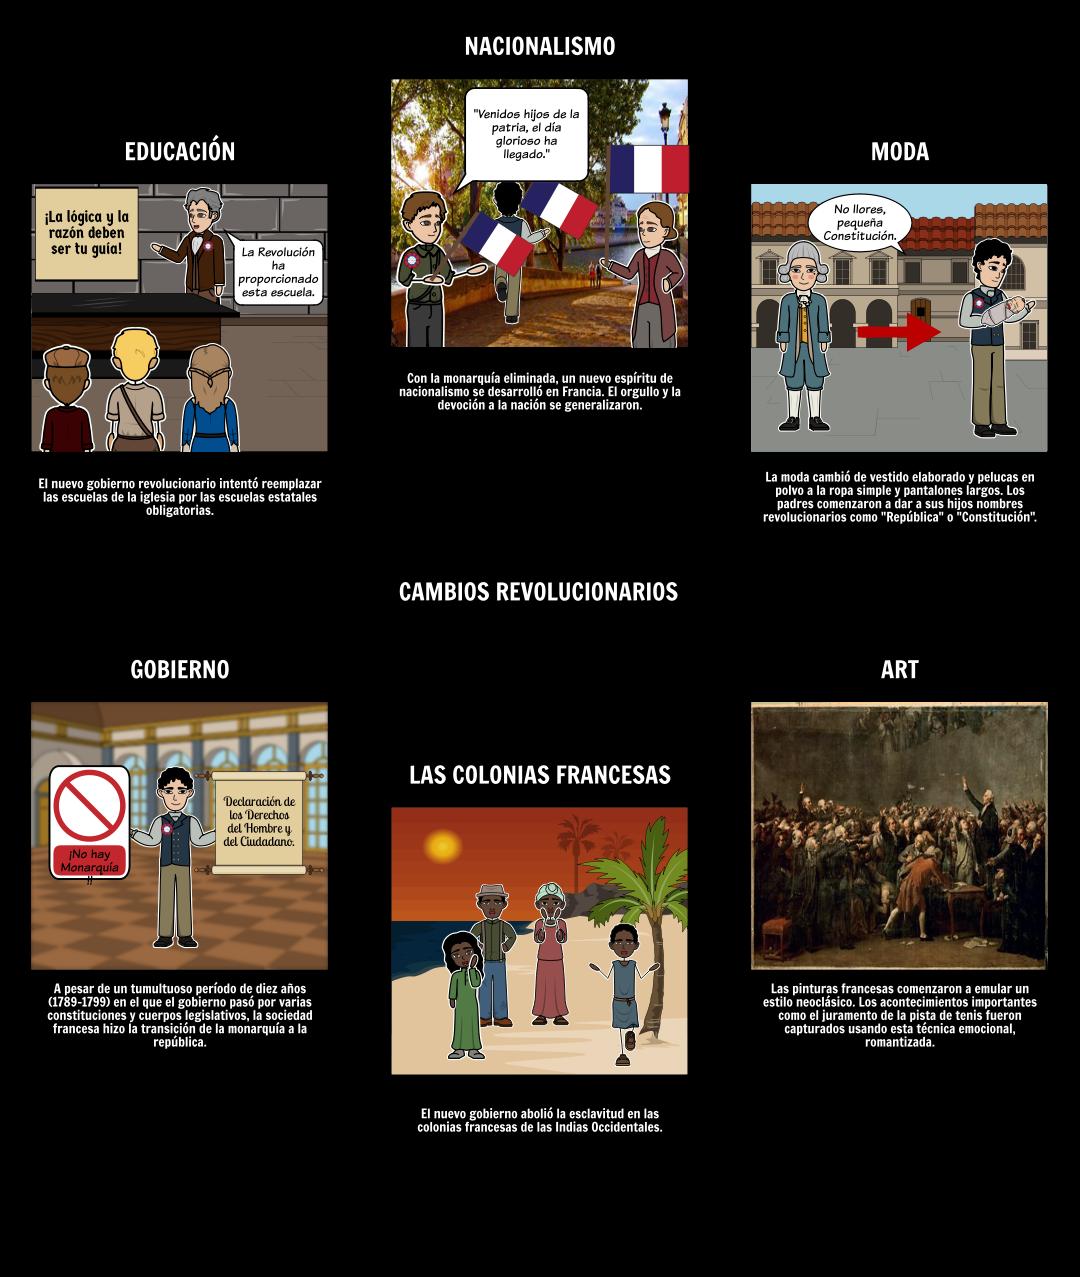 La Revolución Francesa - ¿Qué cambió?